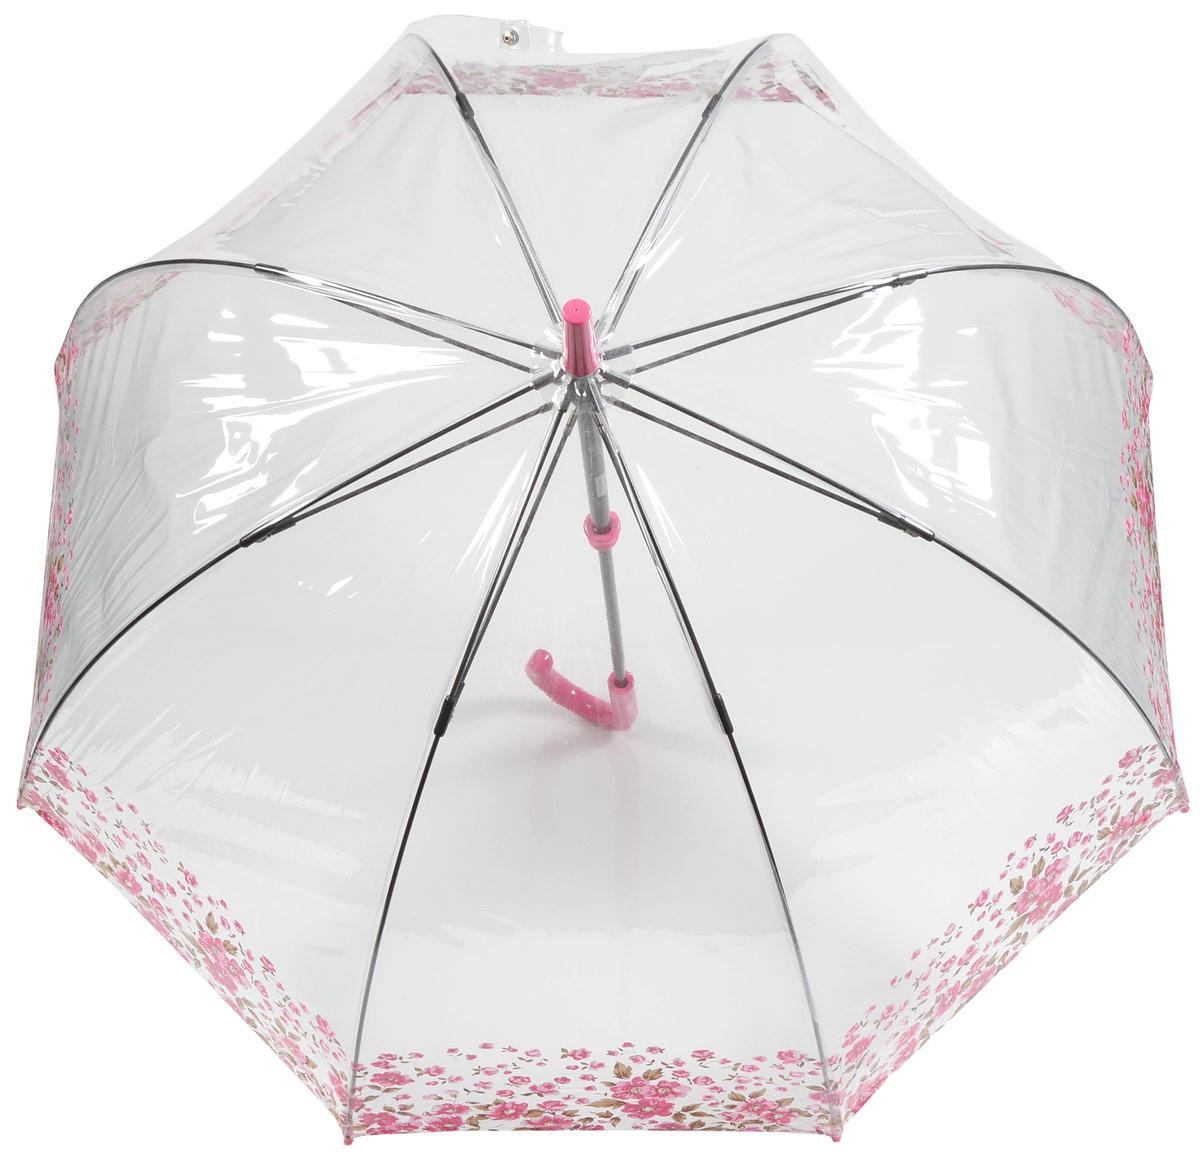 Зонт женский трость Fulton, расцветка: расцветкаы. L042-2643 FloralBorderL042-2643 FloralBorderОбразец элегантности! Именно под таким зонтом ходит королева! Специальная безопасная и надежная технология открывания и закрывания. Модная форма купола. Прозрачный зонт отлично защищает от дождя, и при этом он абсолютно прозрачен. Прочный ветроустойчивый каркас из фибергласса. Длина в сложенном виде 94 см, диаметр купола 89 см